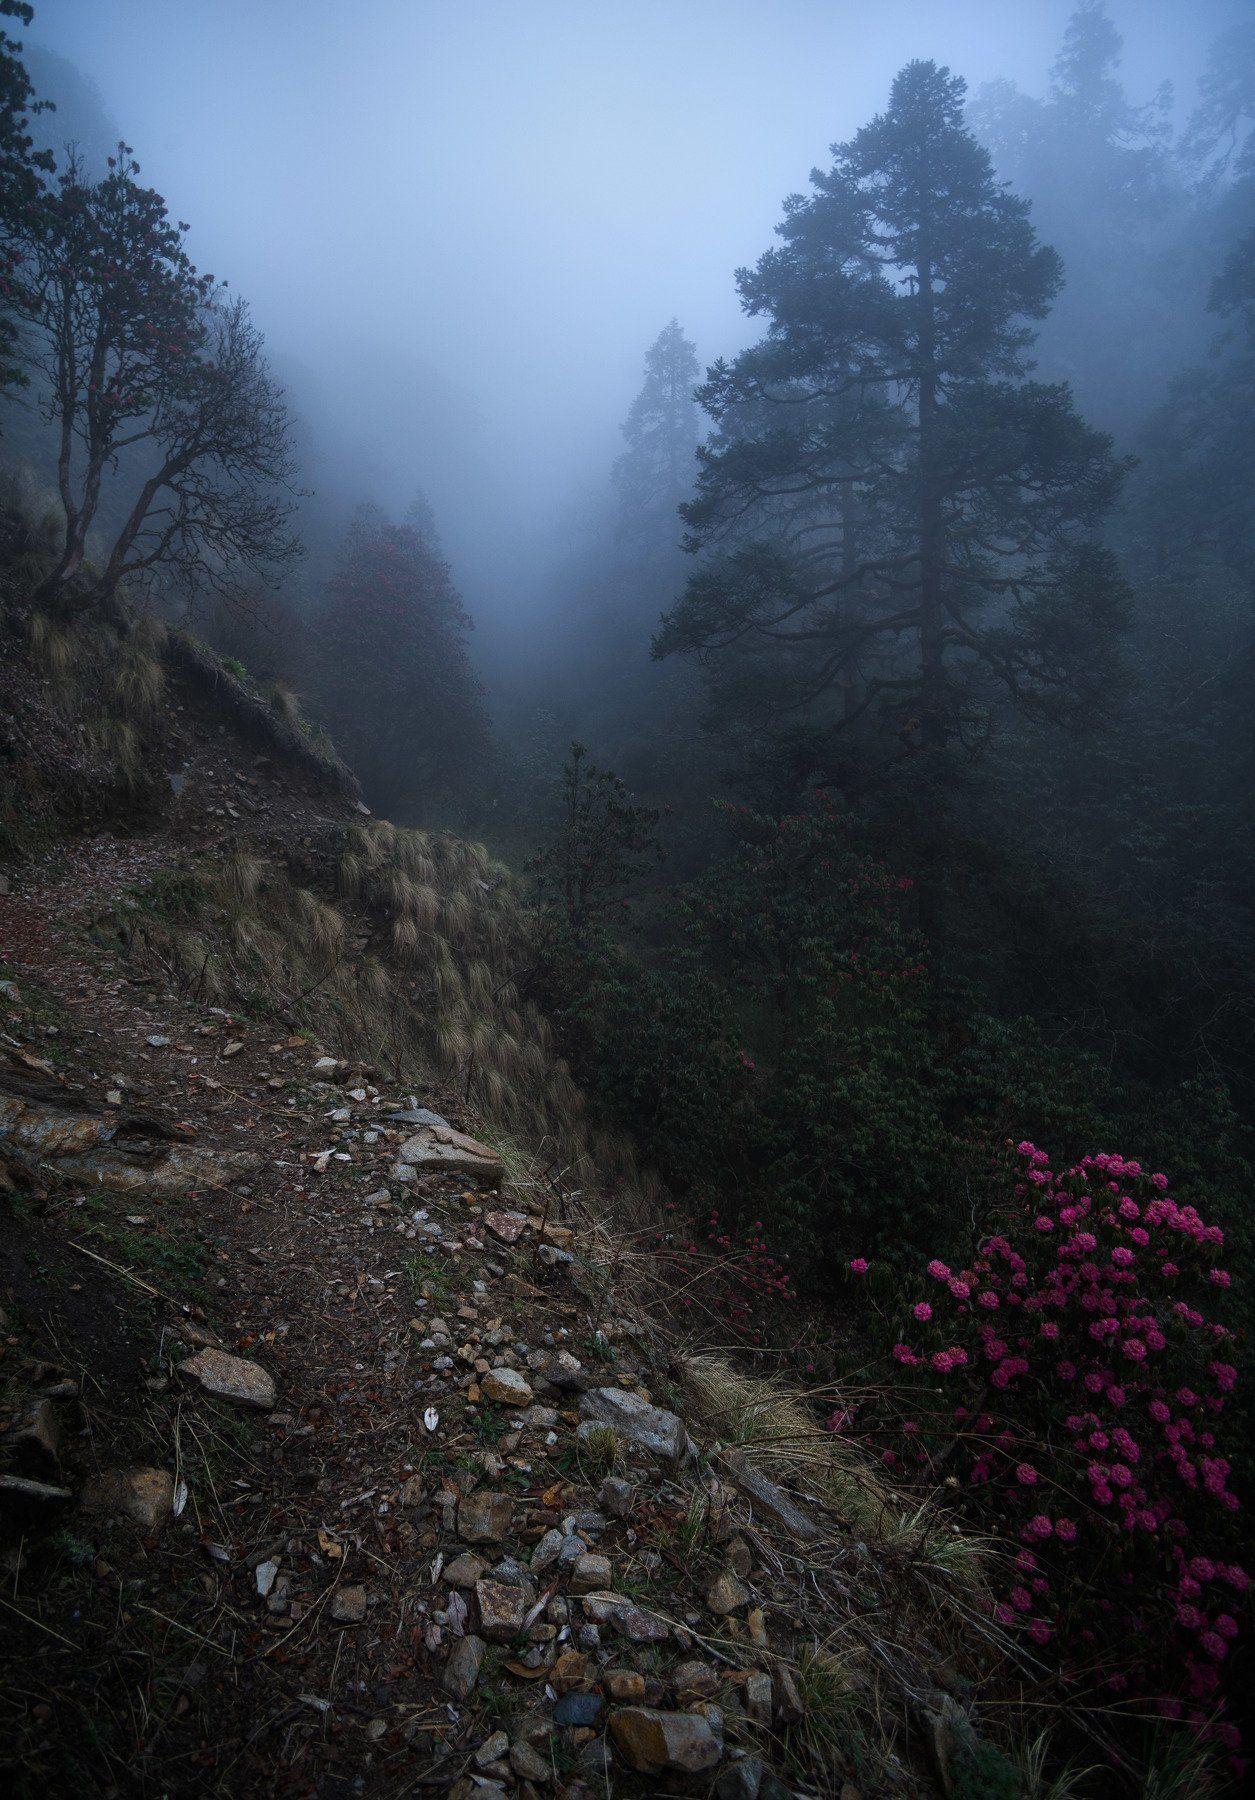 Непал, Гималаи, туман, лес, Александр  Равин